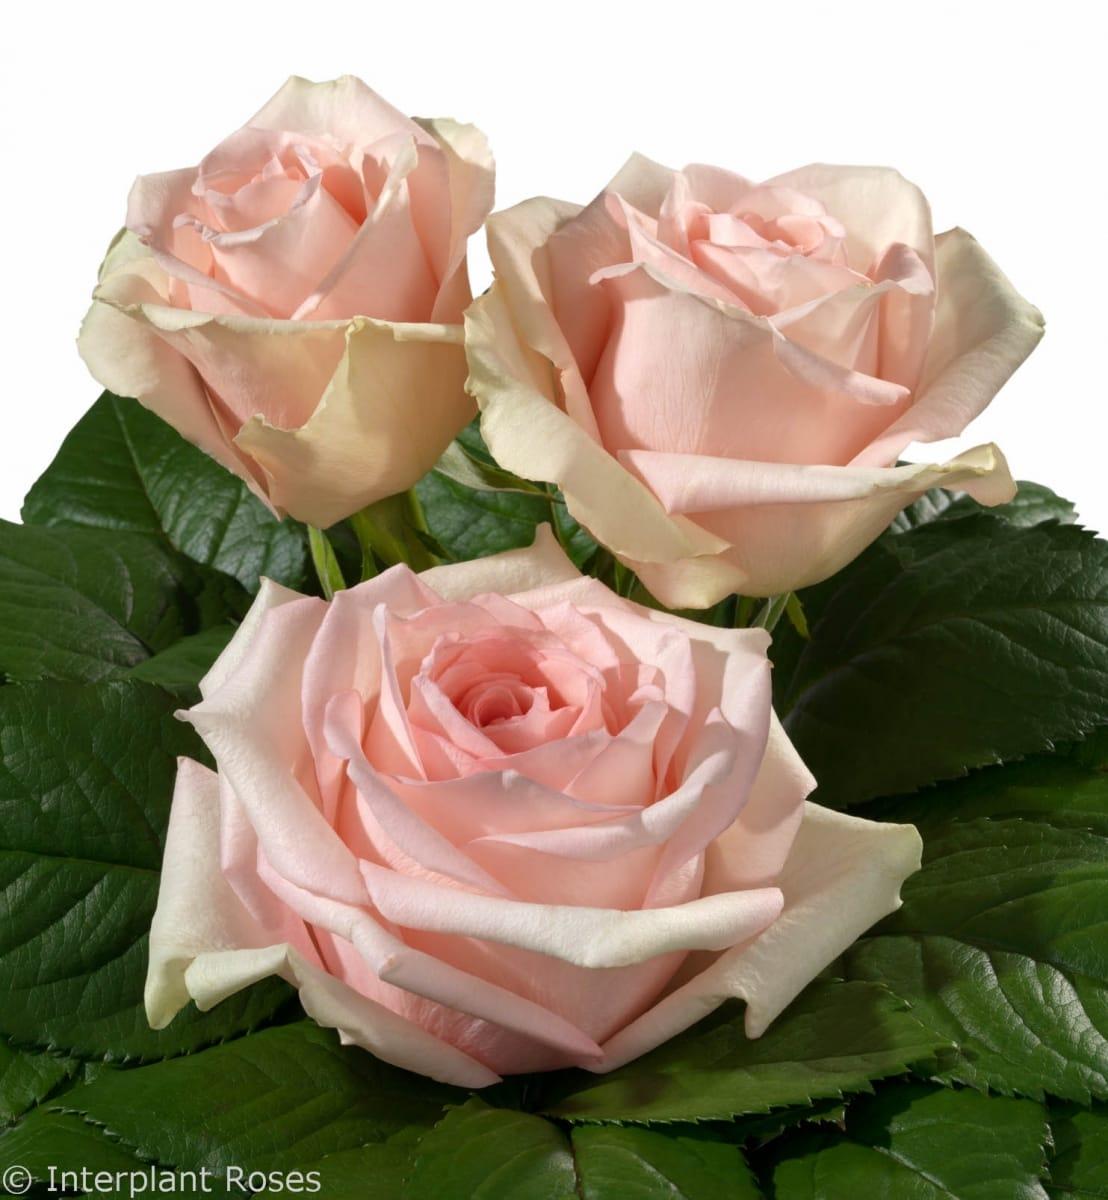 3203db699af1 Interplant Roses breeder of Hybrid Tea Roses